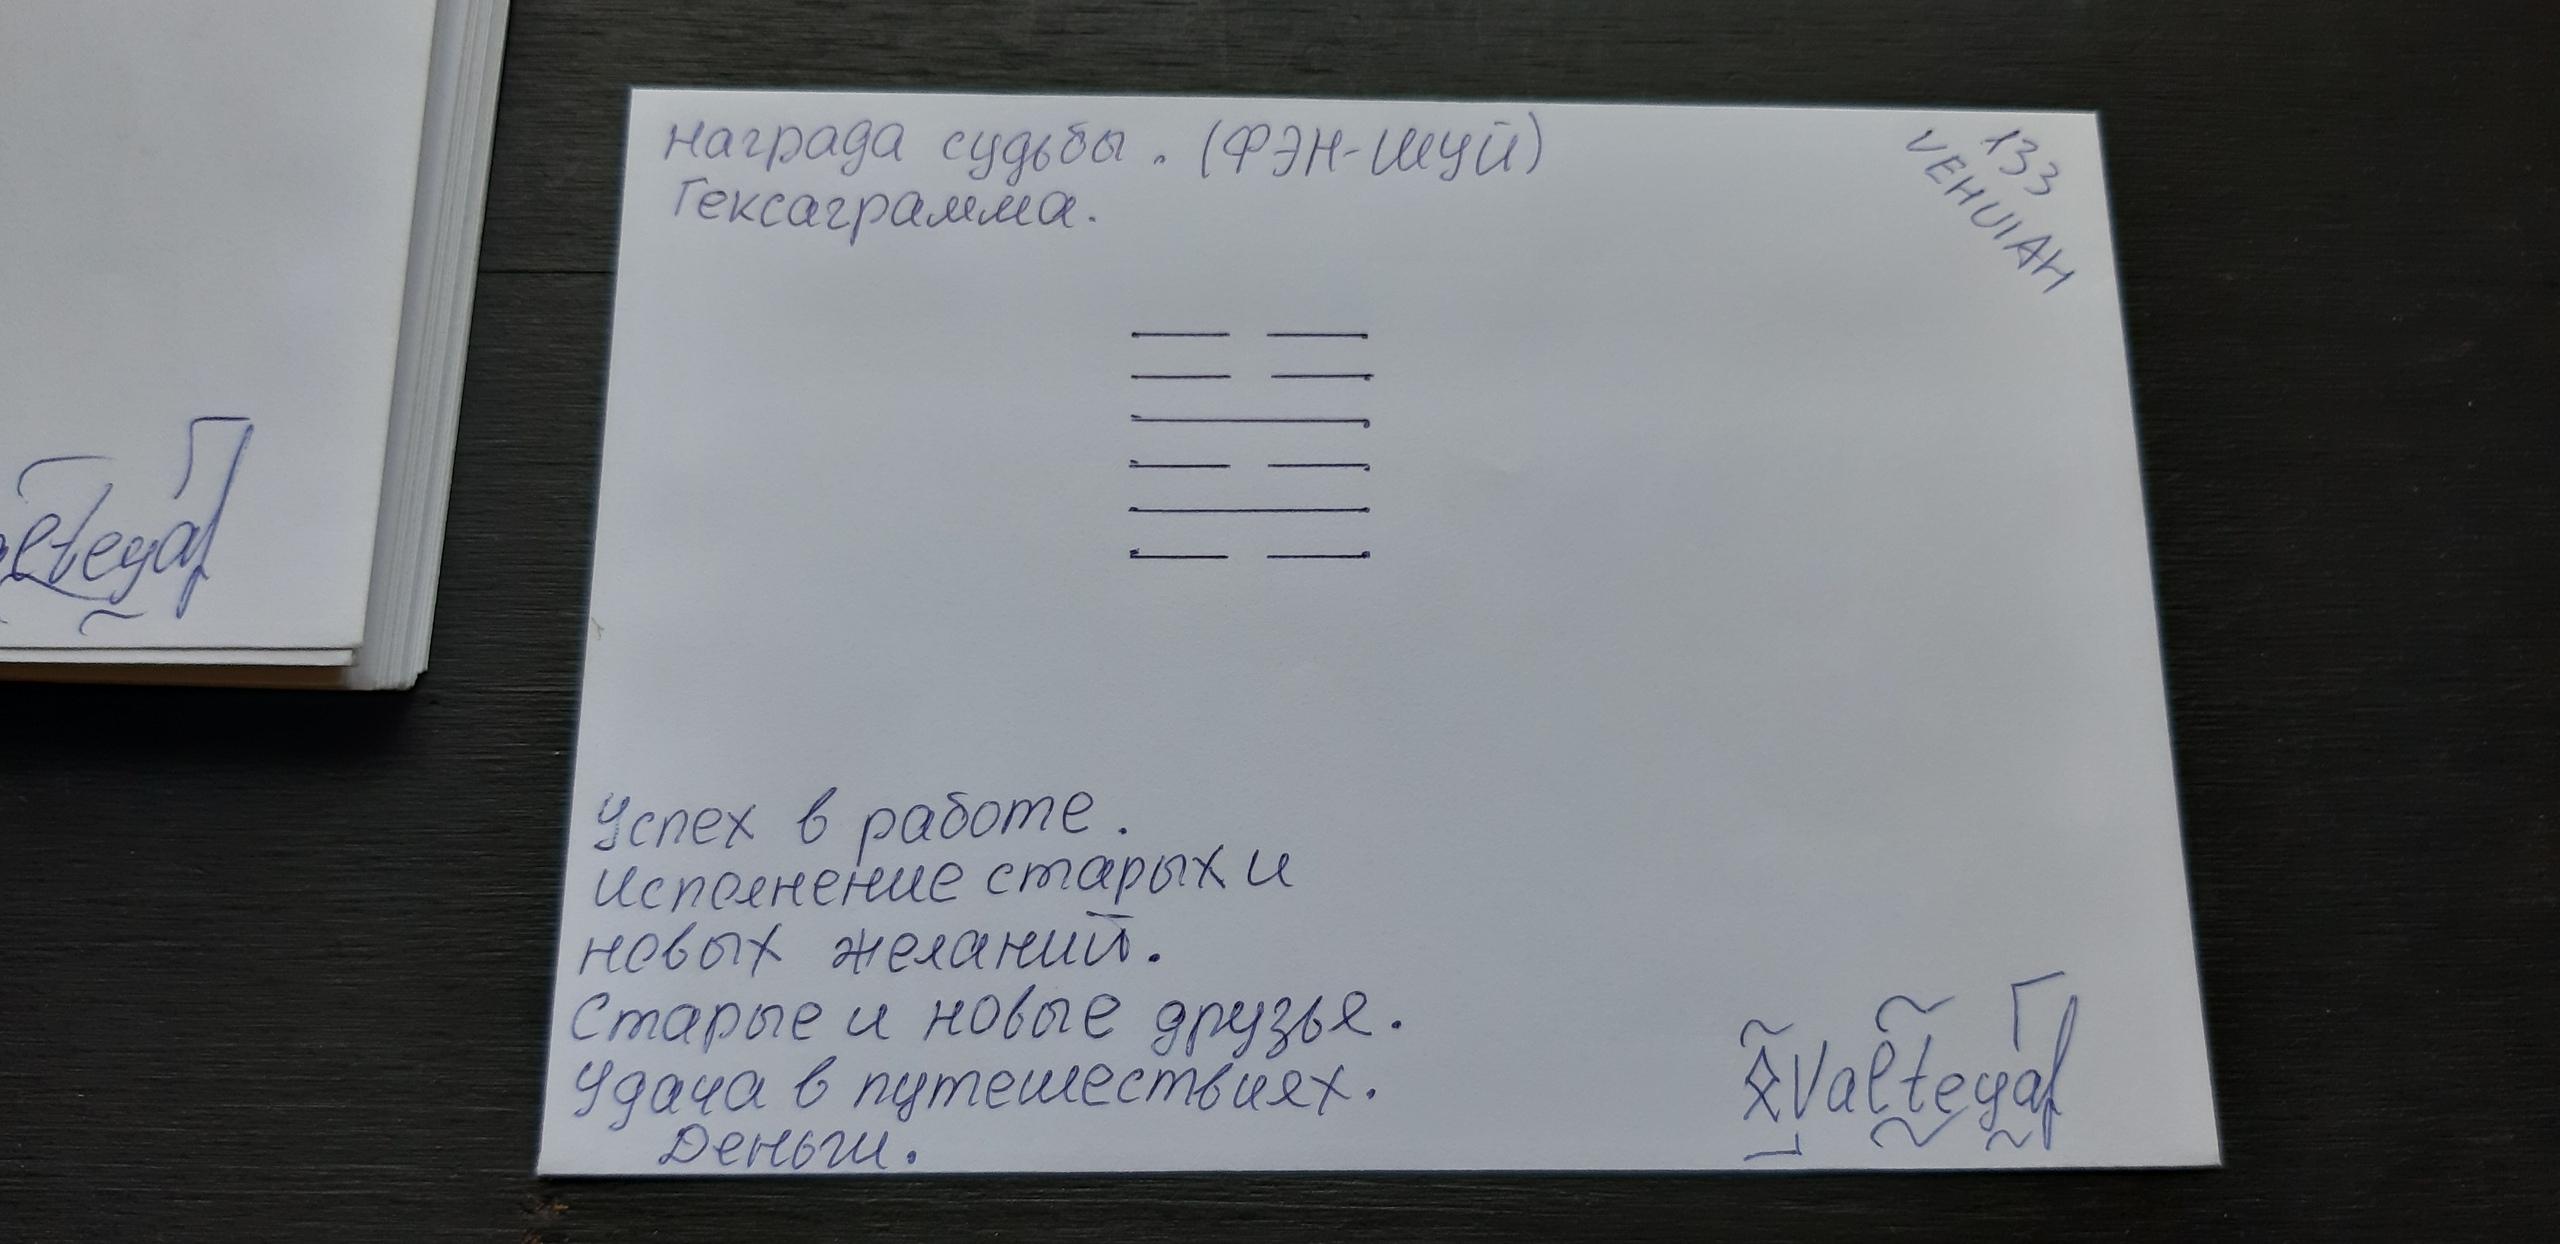 Конверты с магическими программами от Елены Руденко. Ставы, символы, руническая магия.  - Страница 3 QdluJdHJqbk